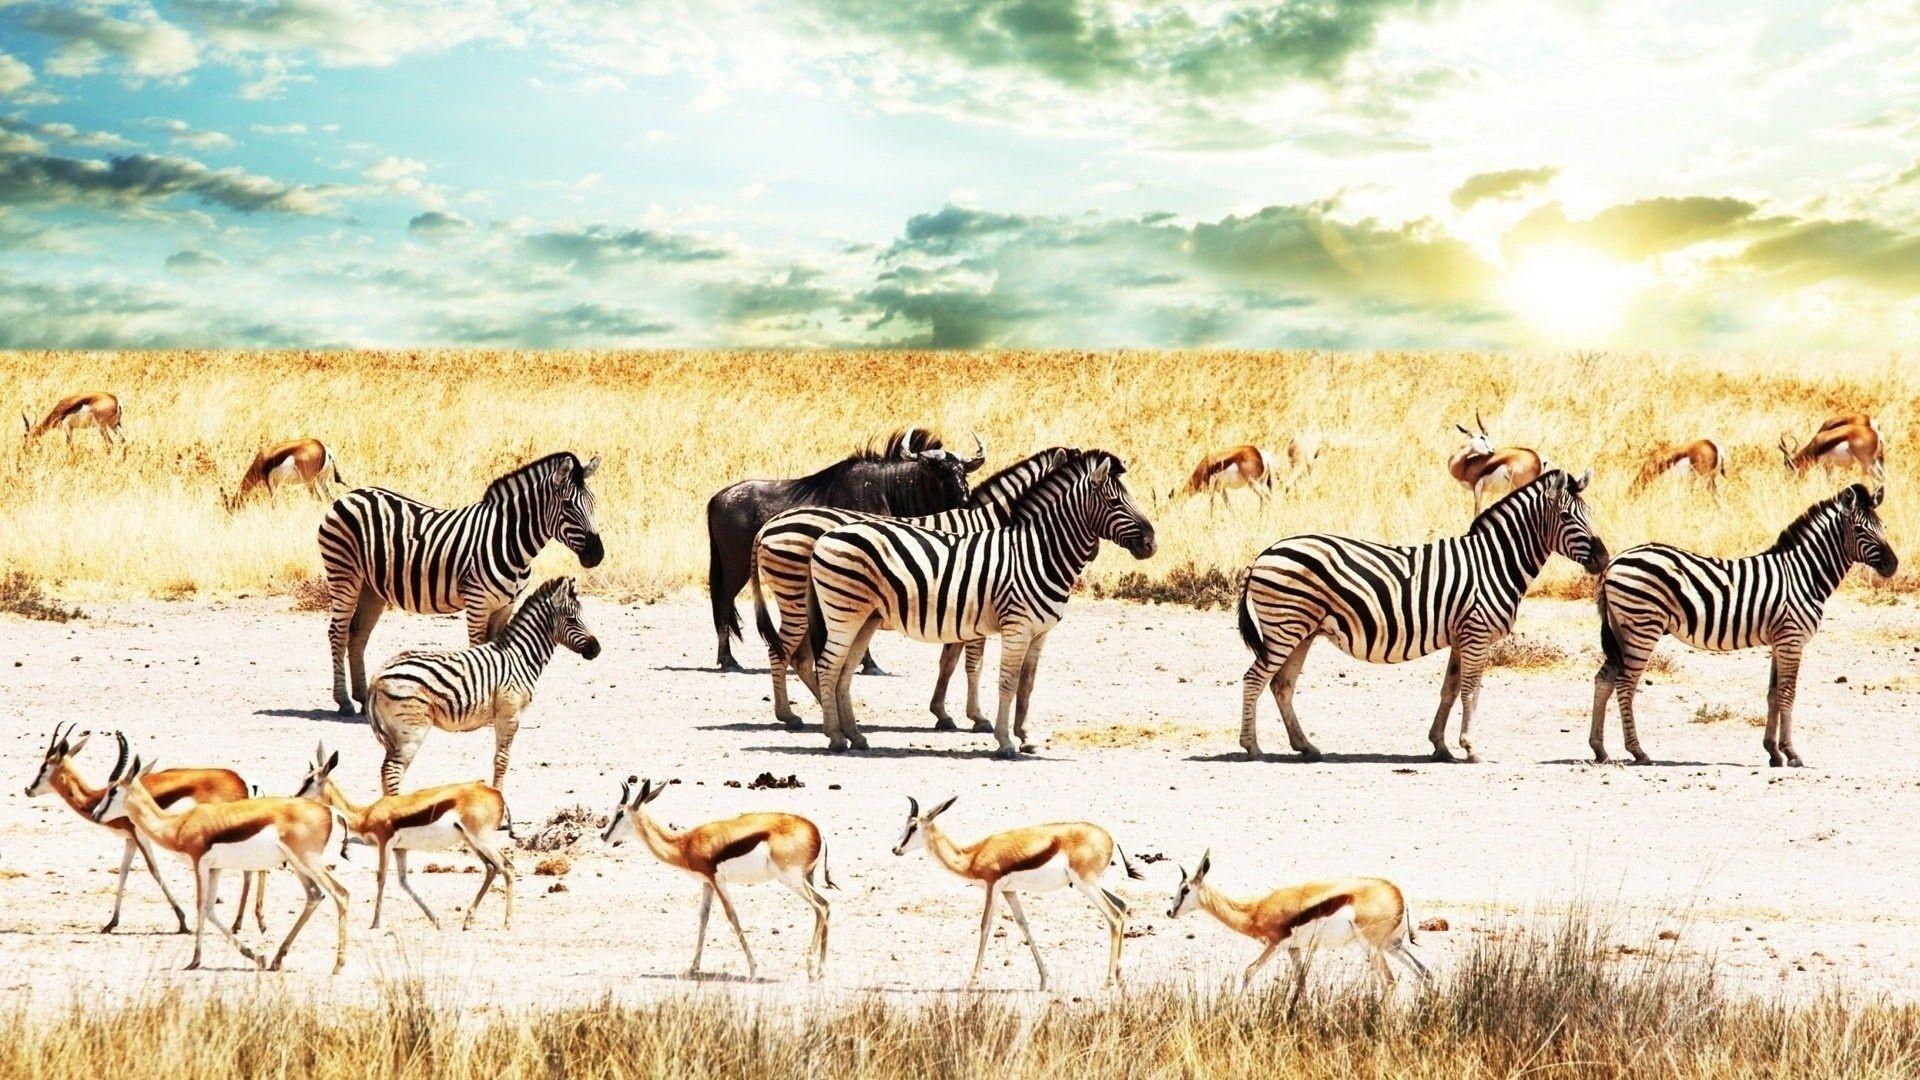 Africa a wallpaper